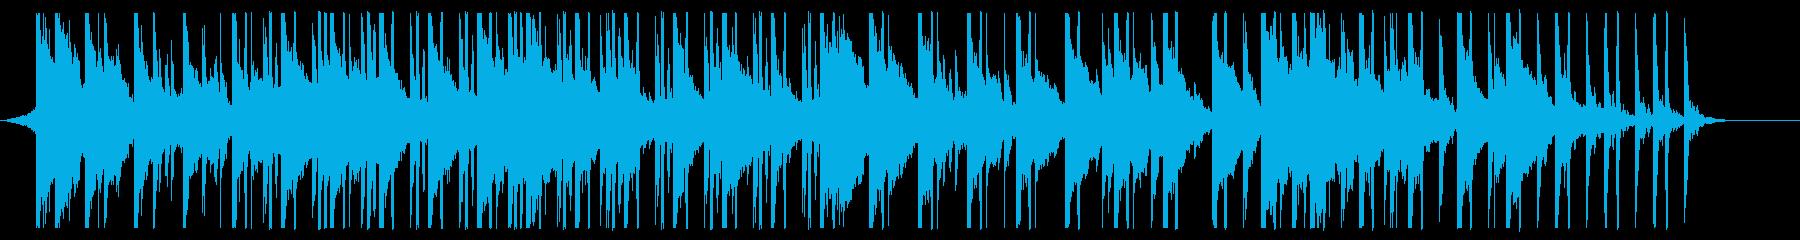 幻想的でかわいい雰囲気のピアノBGMの再生済みの波形